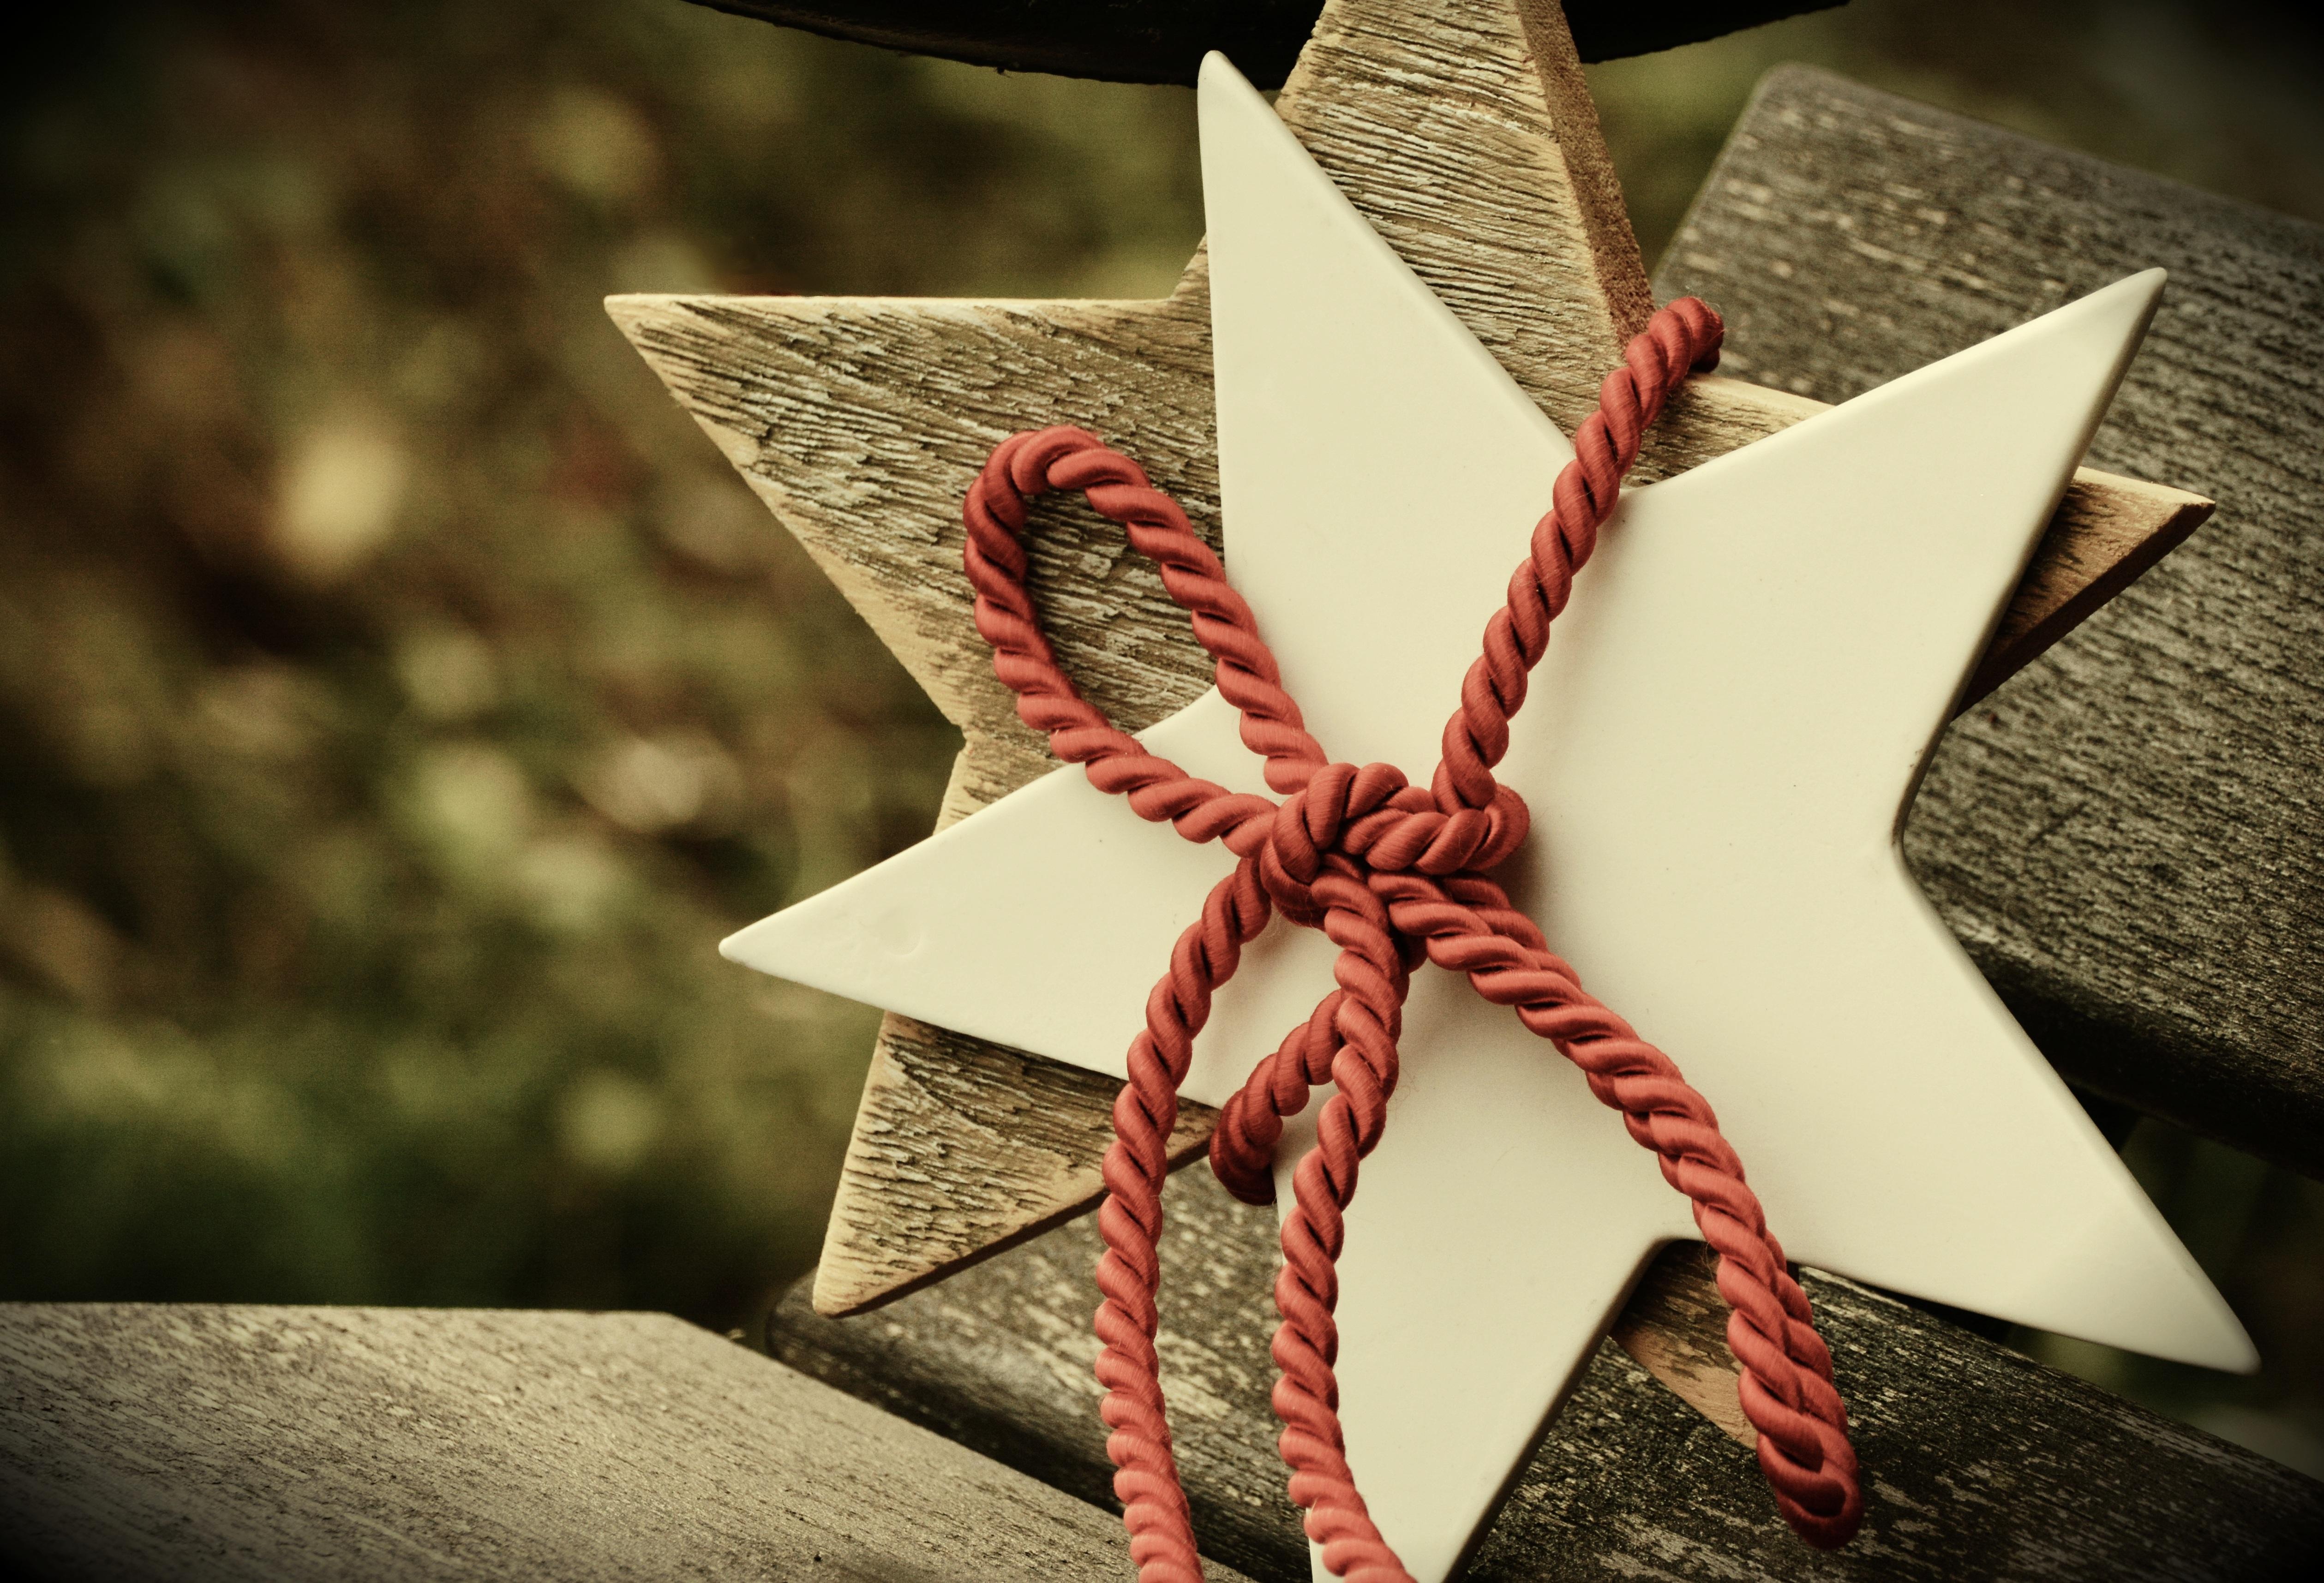 86049 Hintergrundbild herunterladen Feiertage, Weihnachten, Sterne, Star, Seil - Bildschirmschoner und Bilder kostenlos